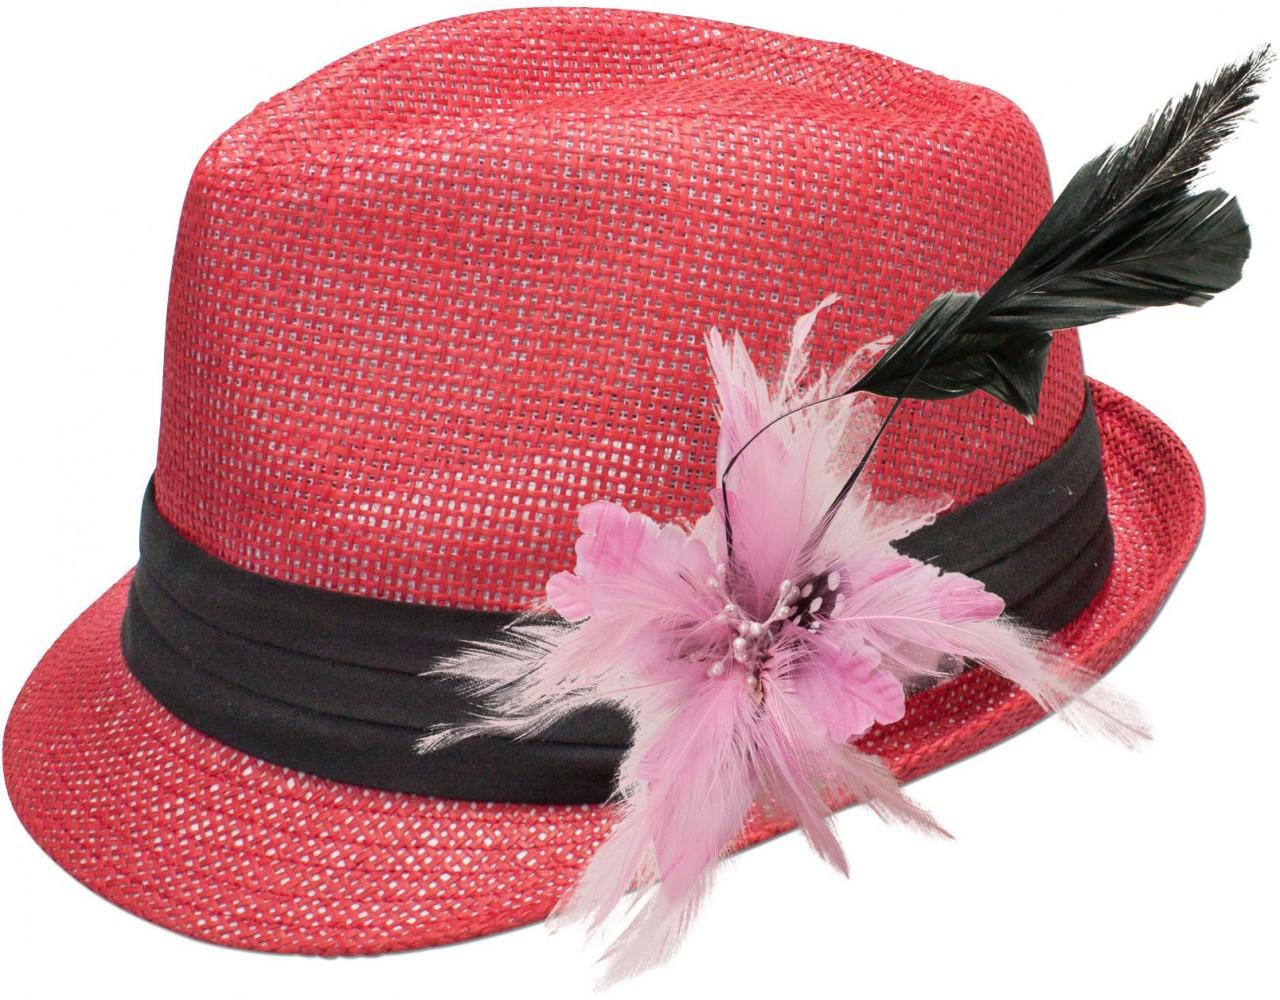 Strohhut Eva mit rosaner Federbrosche